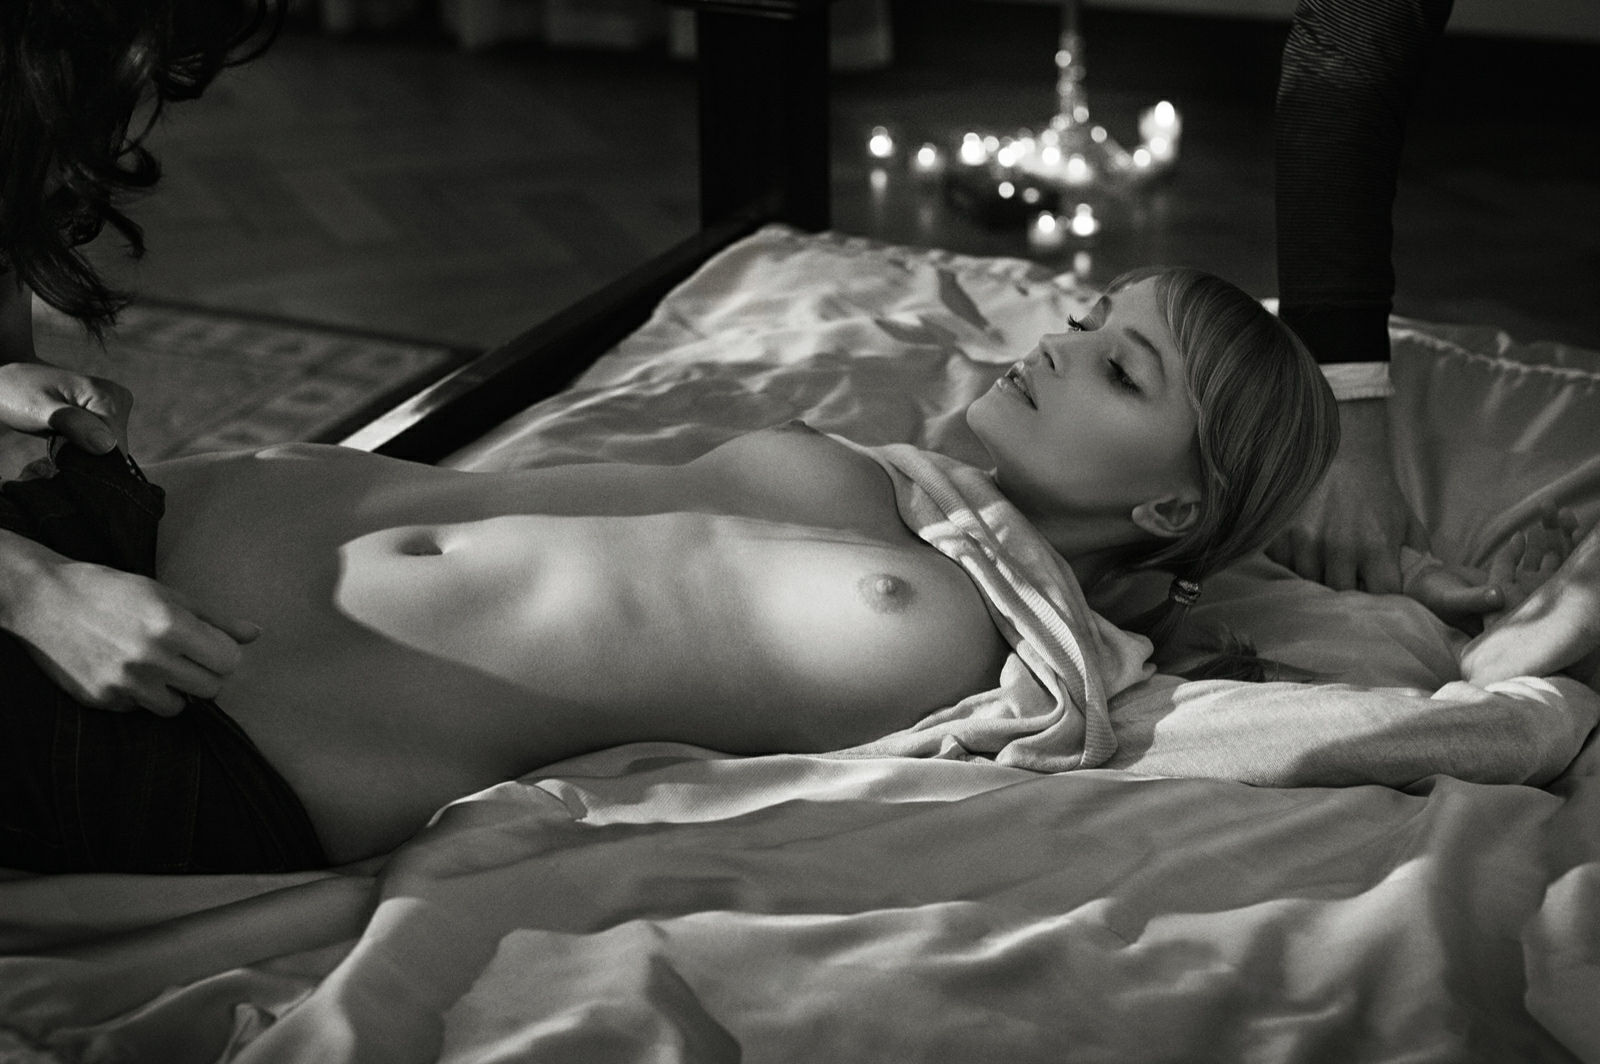 Эротика порно польша 4 фотография